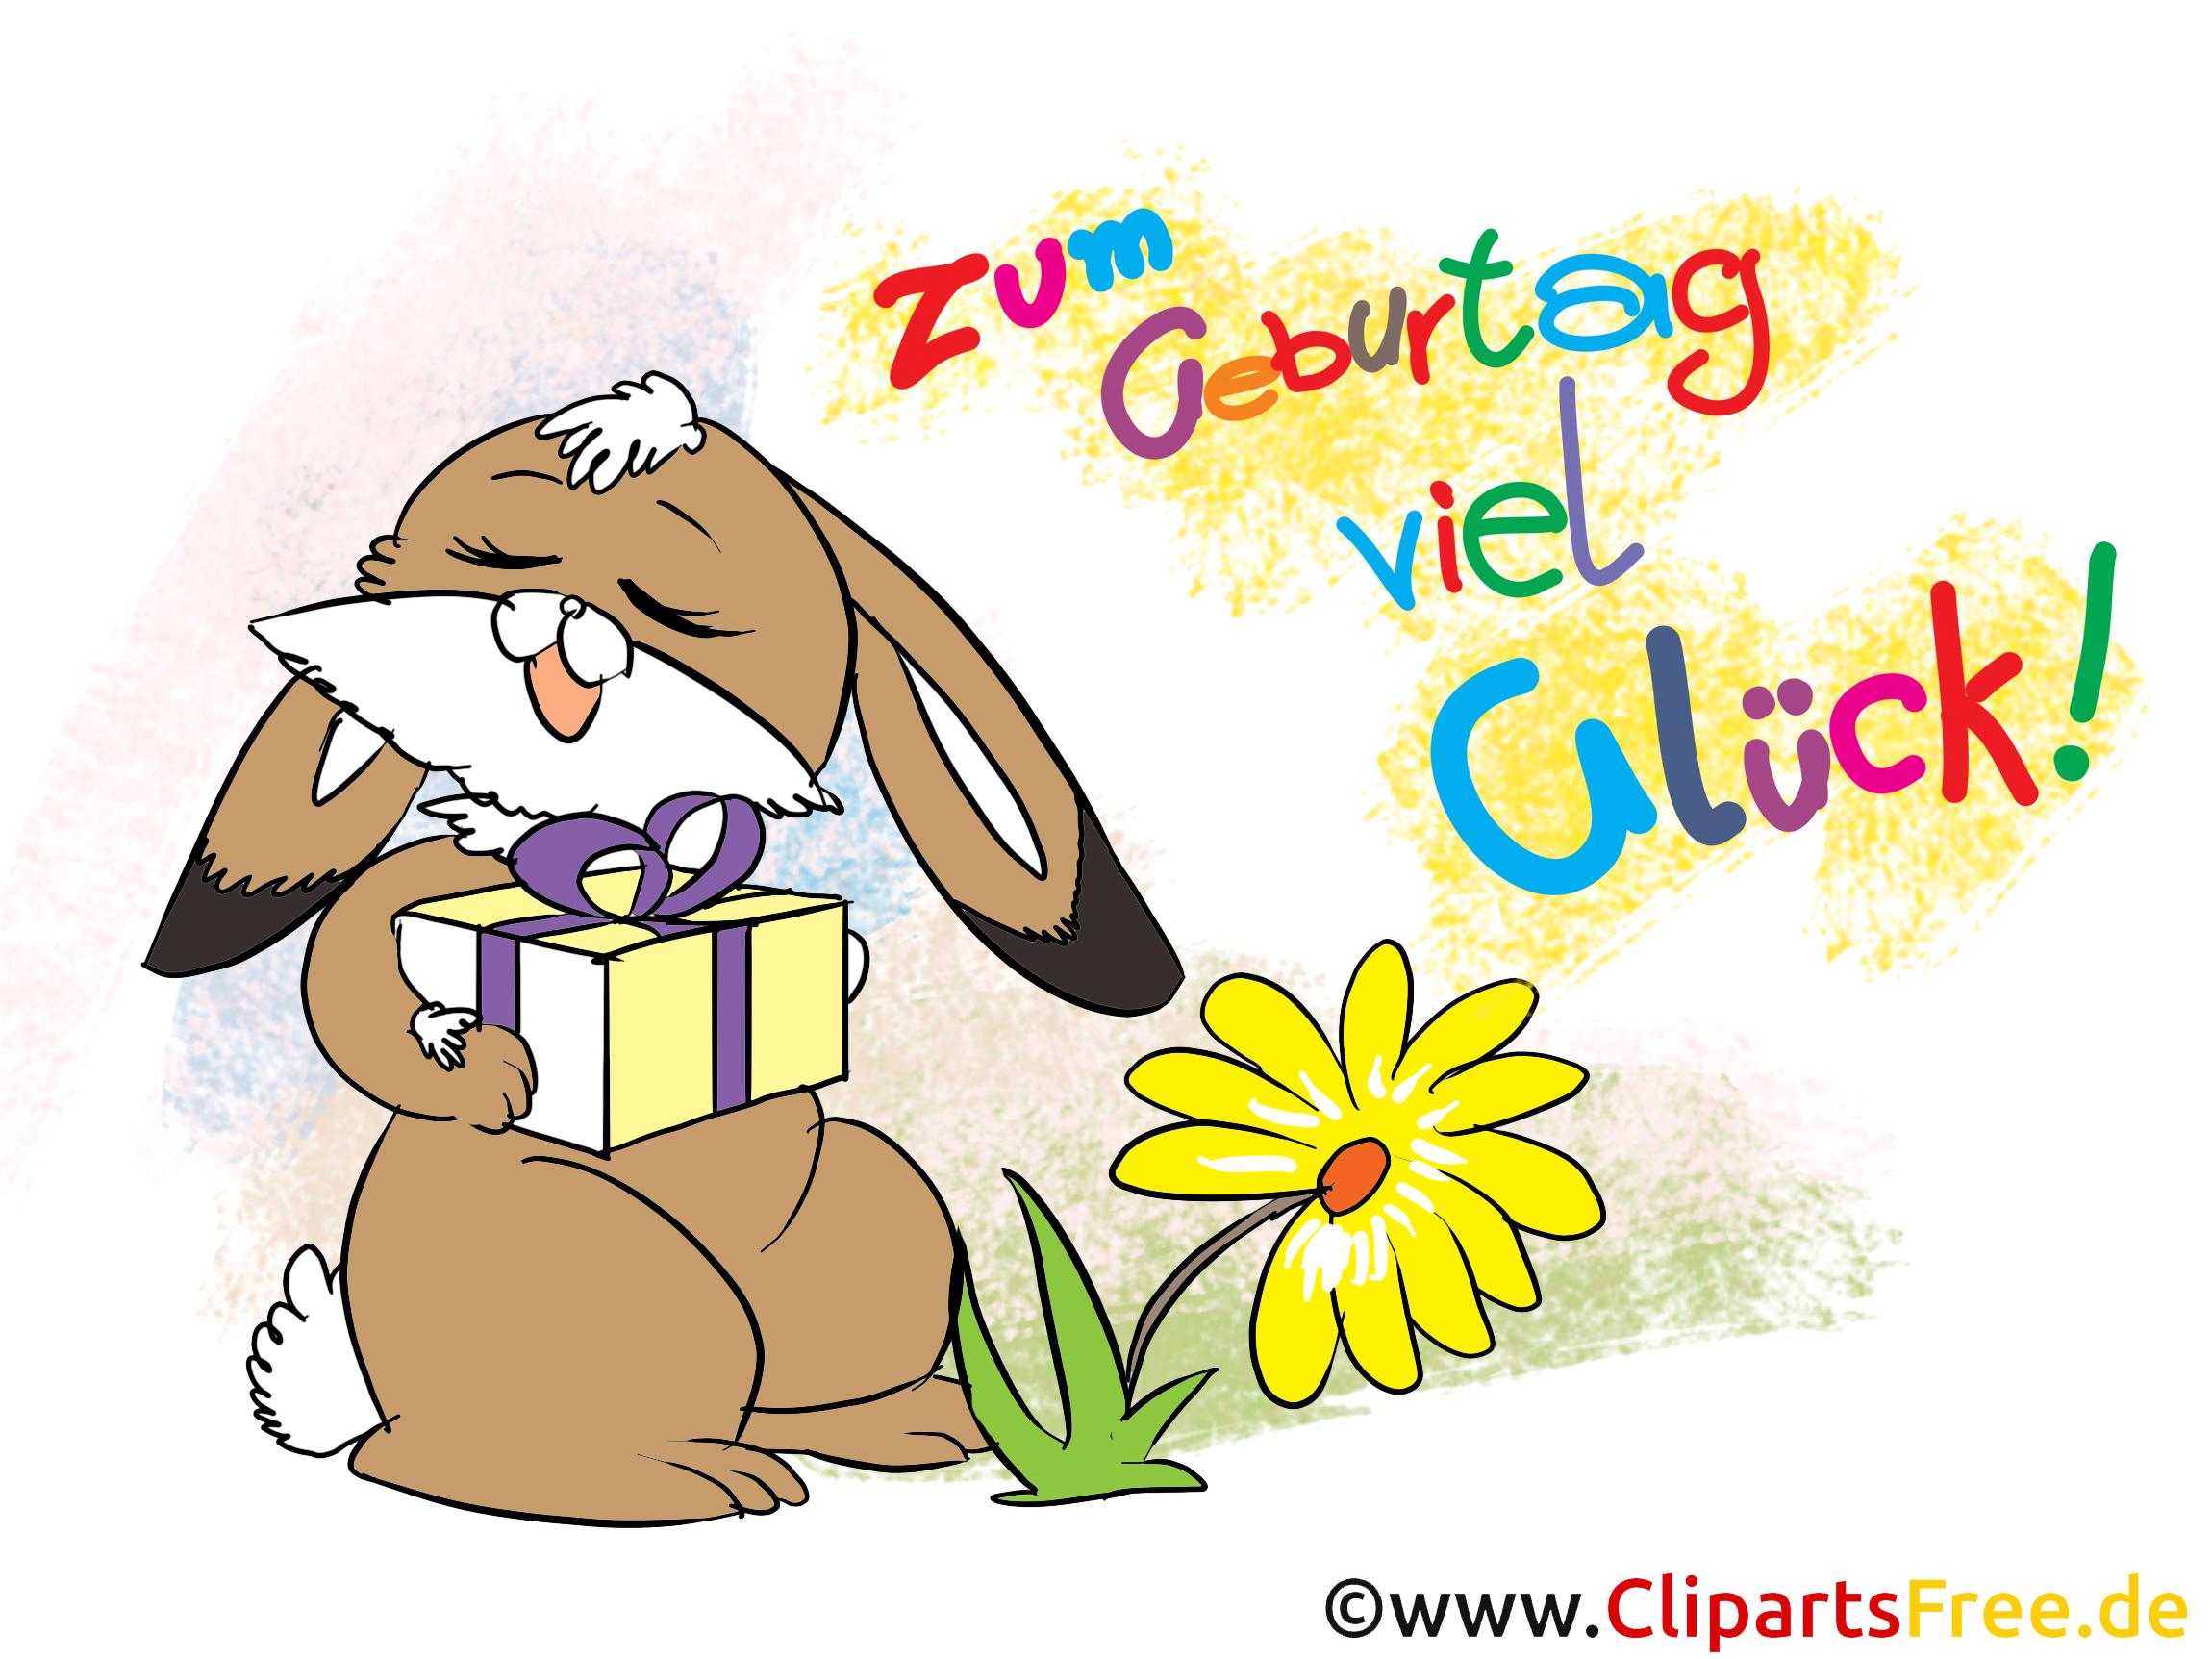 Zum Geburtstag viel Glück - Clipart, Bild, Karte